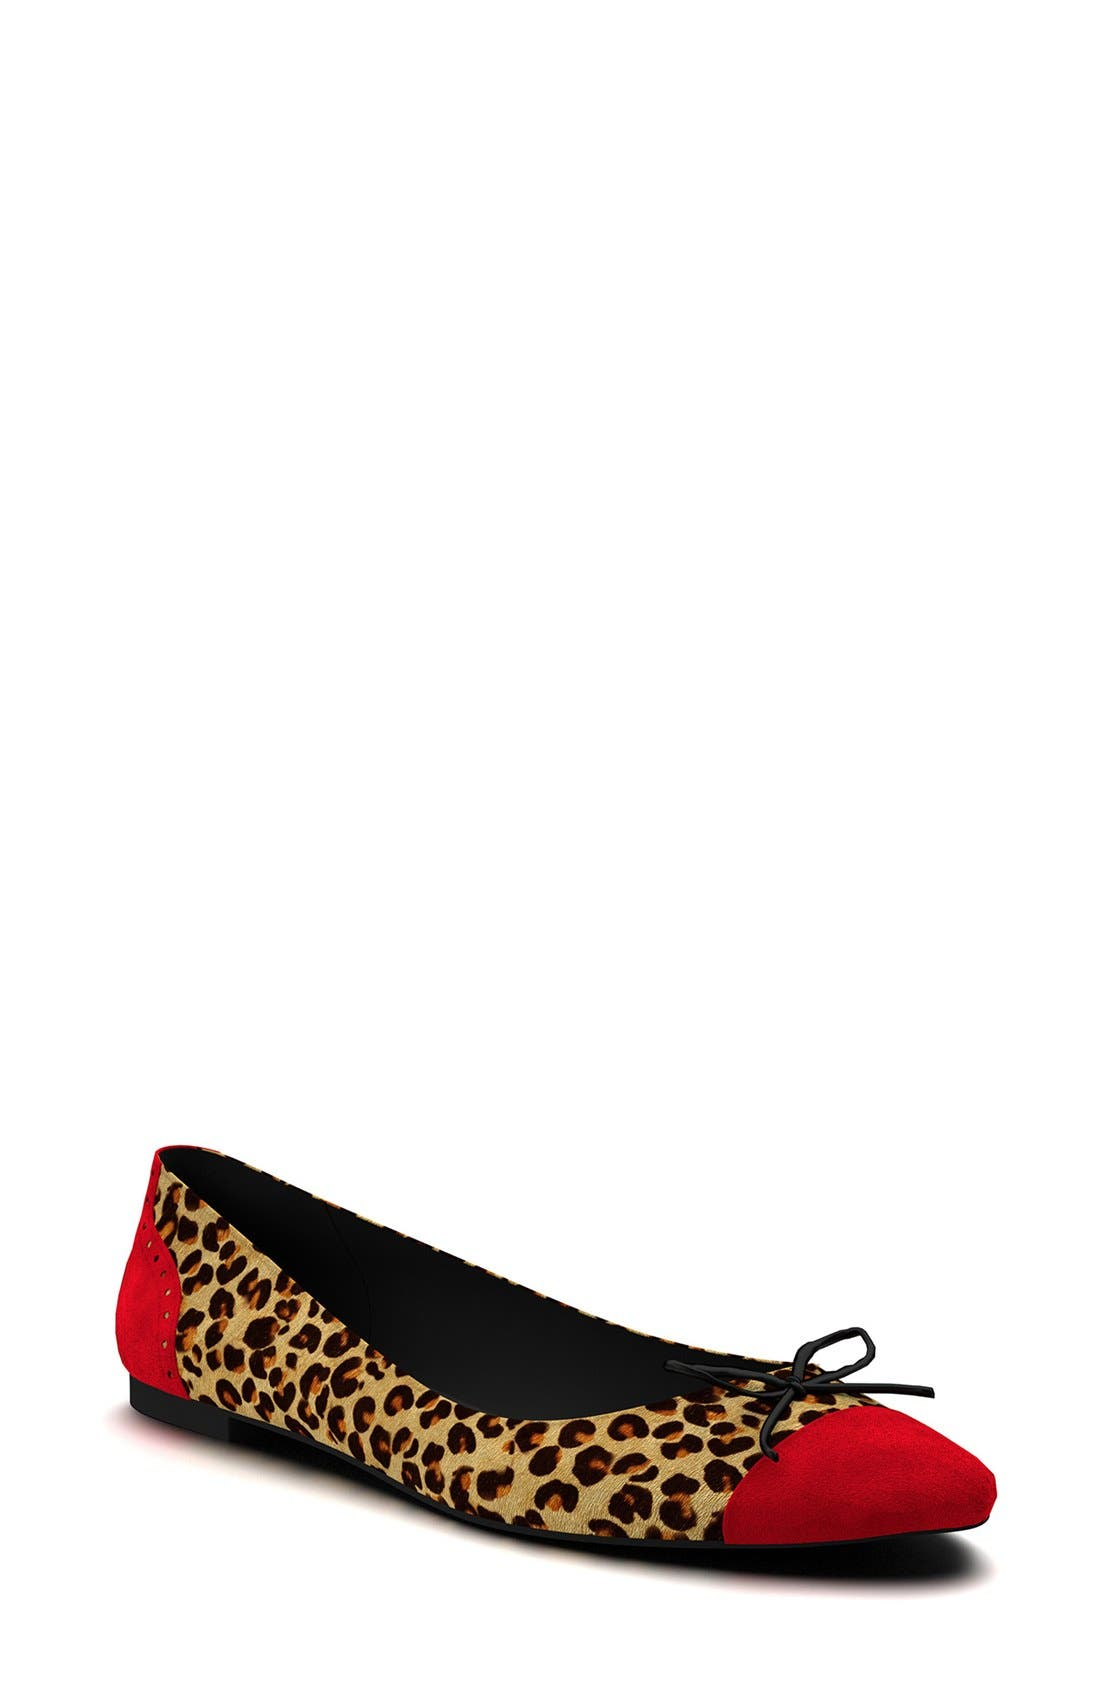 Main Image - Shoes of Prey Cap Toe Genuine Calf Hair Ballet Flat (Women)